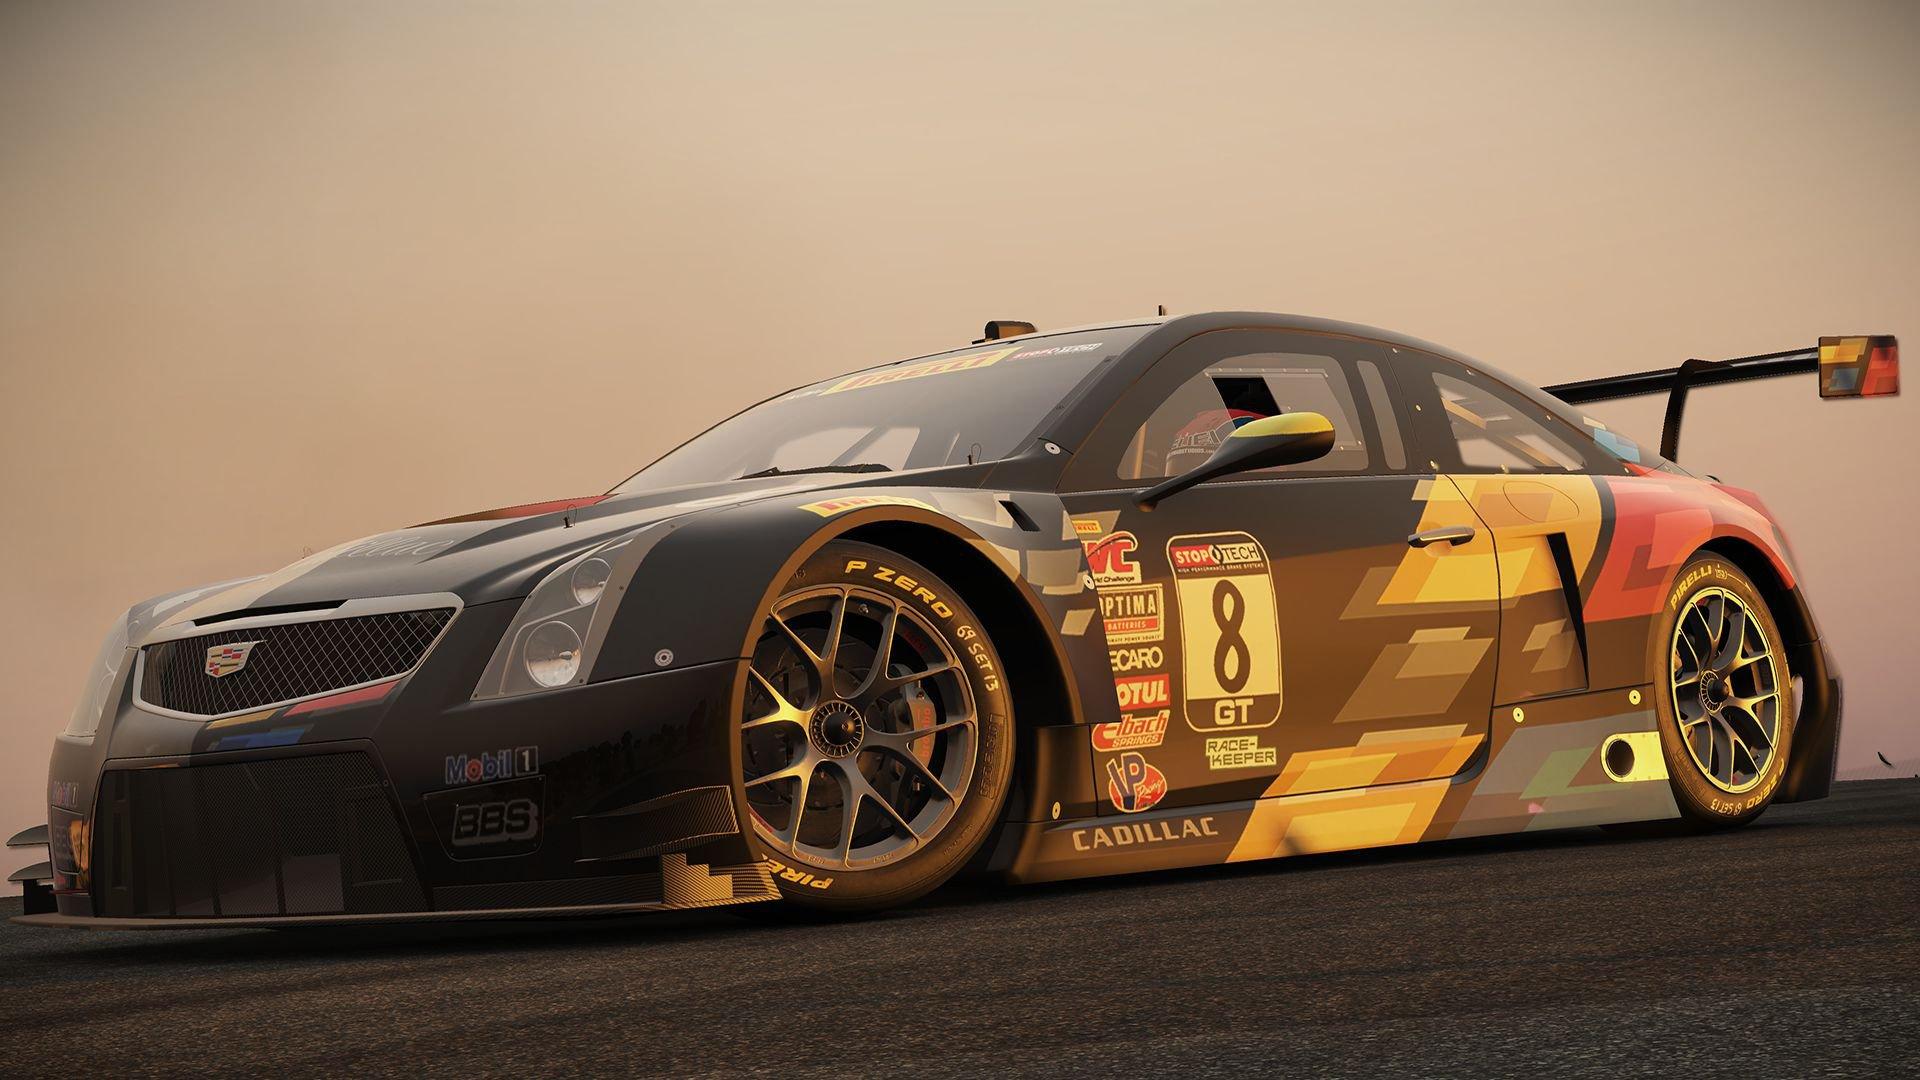 Project CARS ATS-VR GT3